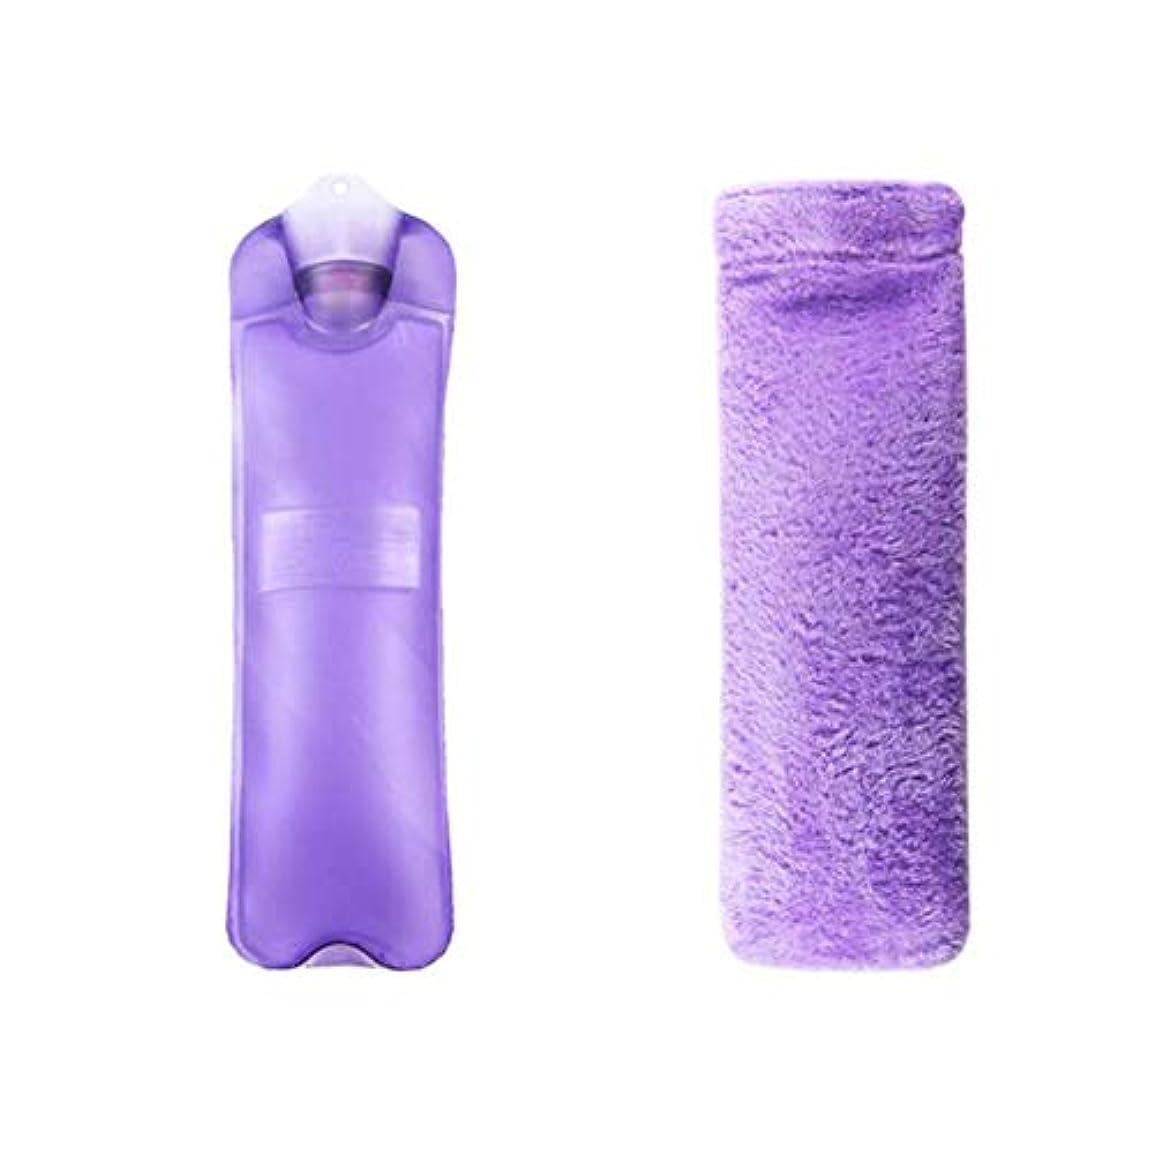 疑わしいテクスチャーリスナー温水ボトル大温水ボトル2Lは冬に暖かく保ちます